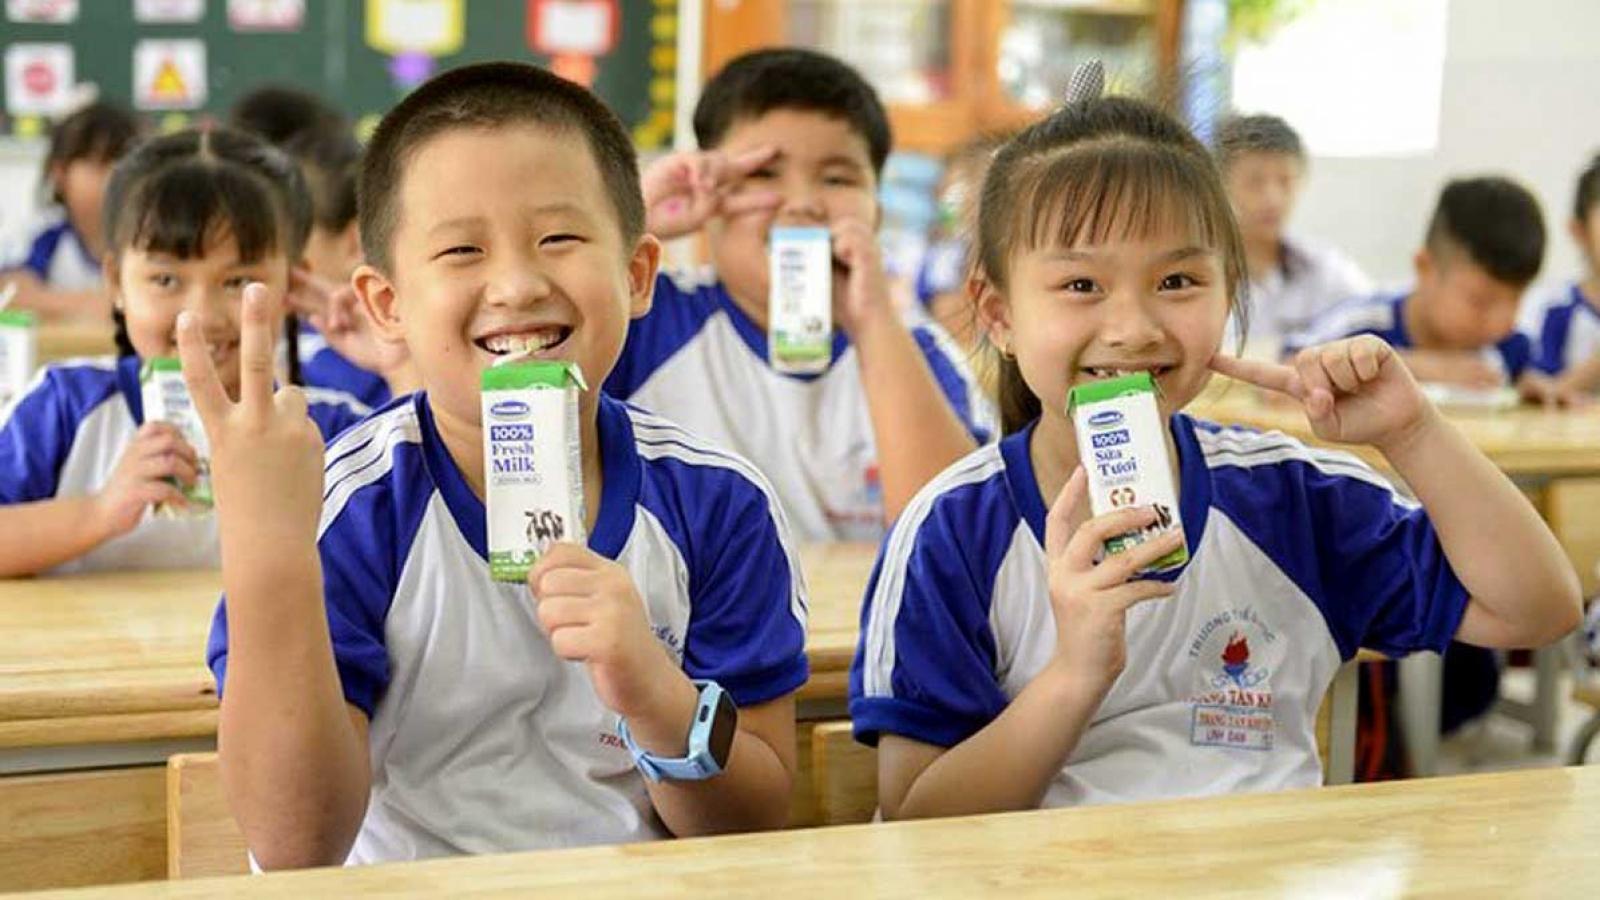 Năm 2020, sữa học đường mở rộng đến 24 quận, huyện ở TP HCM